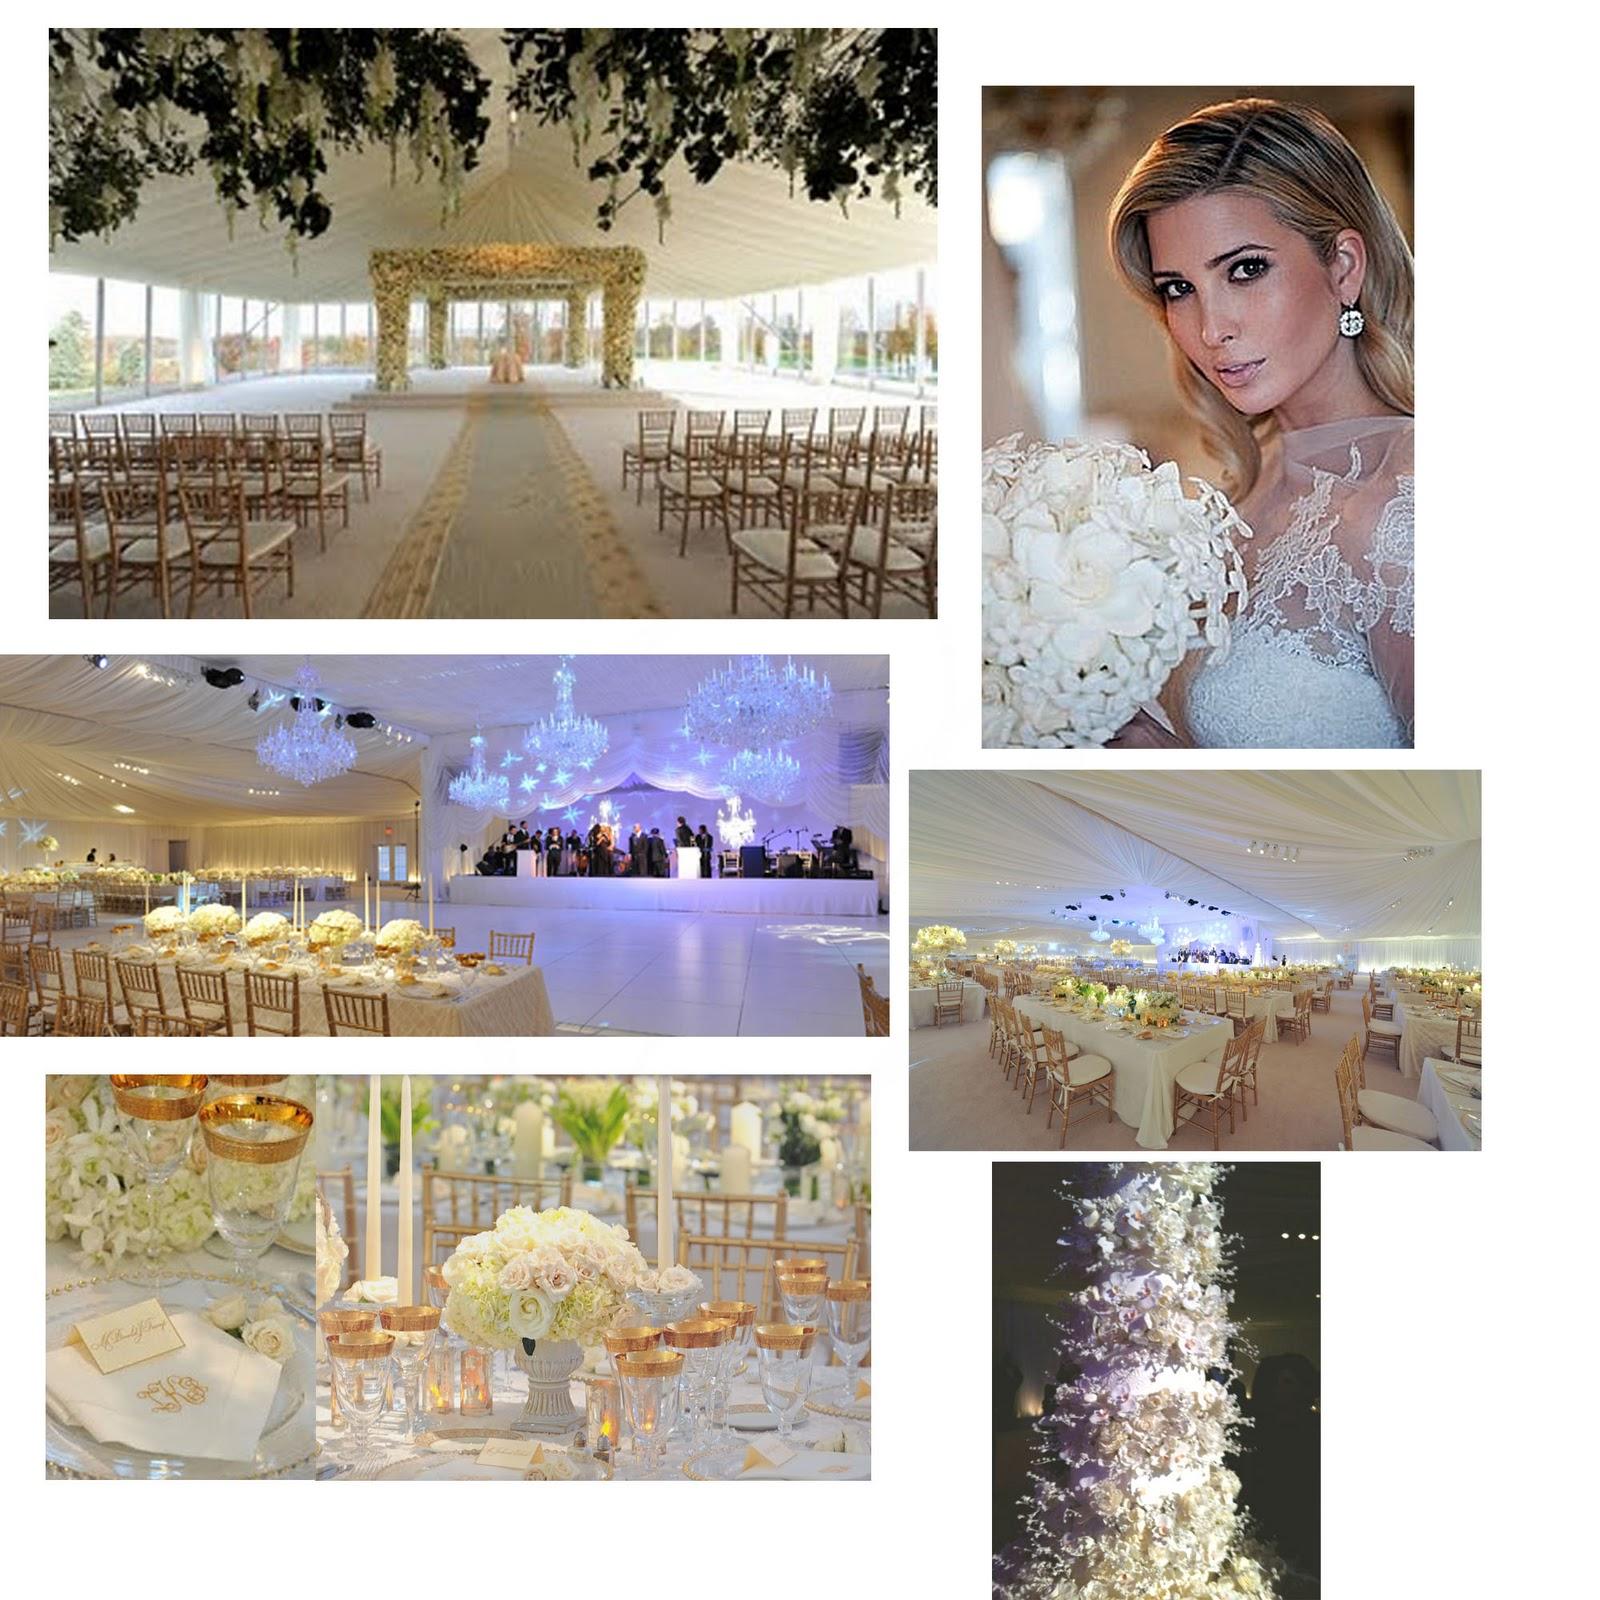 http://1.bp.blogspot.com/_qHVocqjudUU/TUzl_-y8VOI/AAAAAAAAAnI/F74-i7yCpUE/s1600/Ivanka+collage.jpg